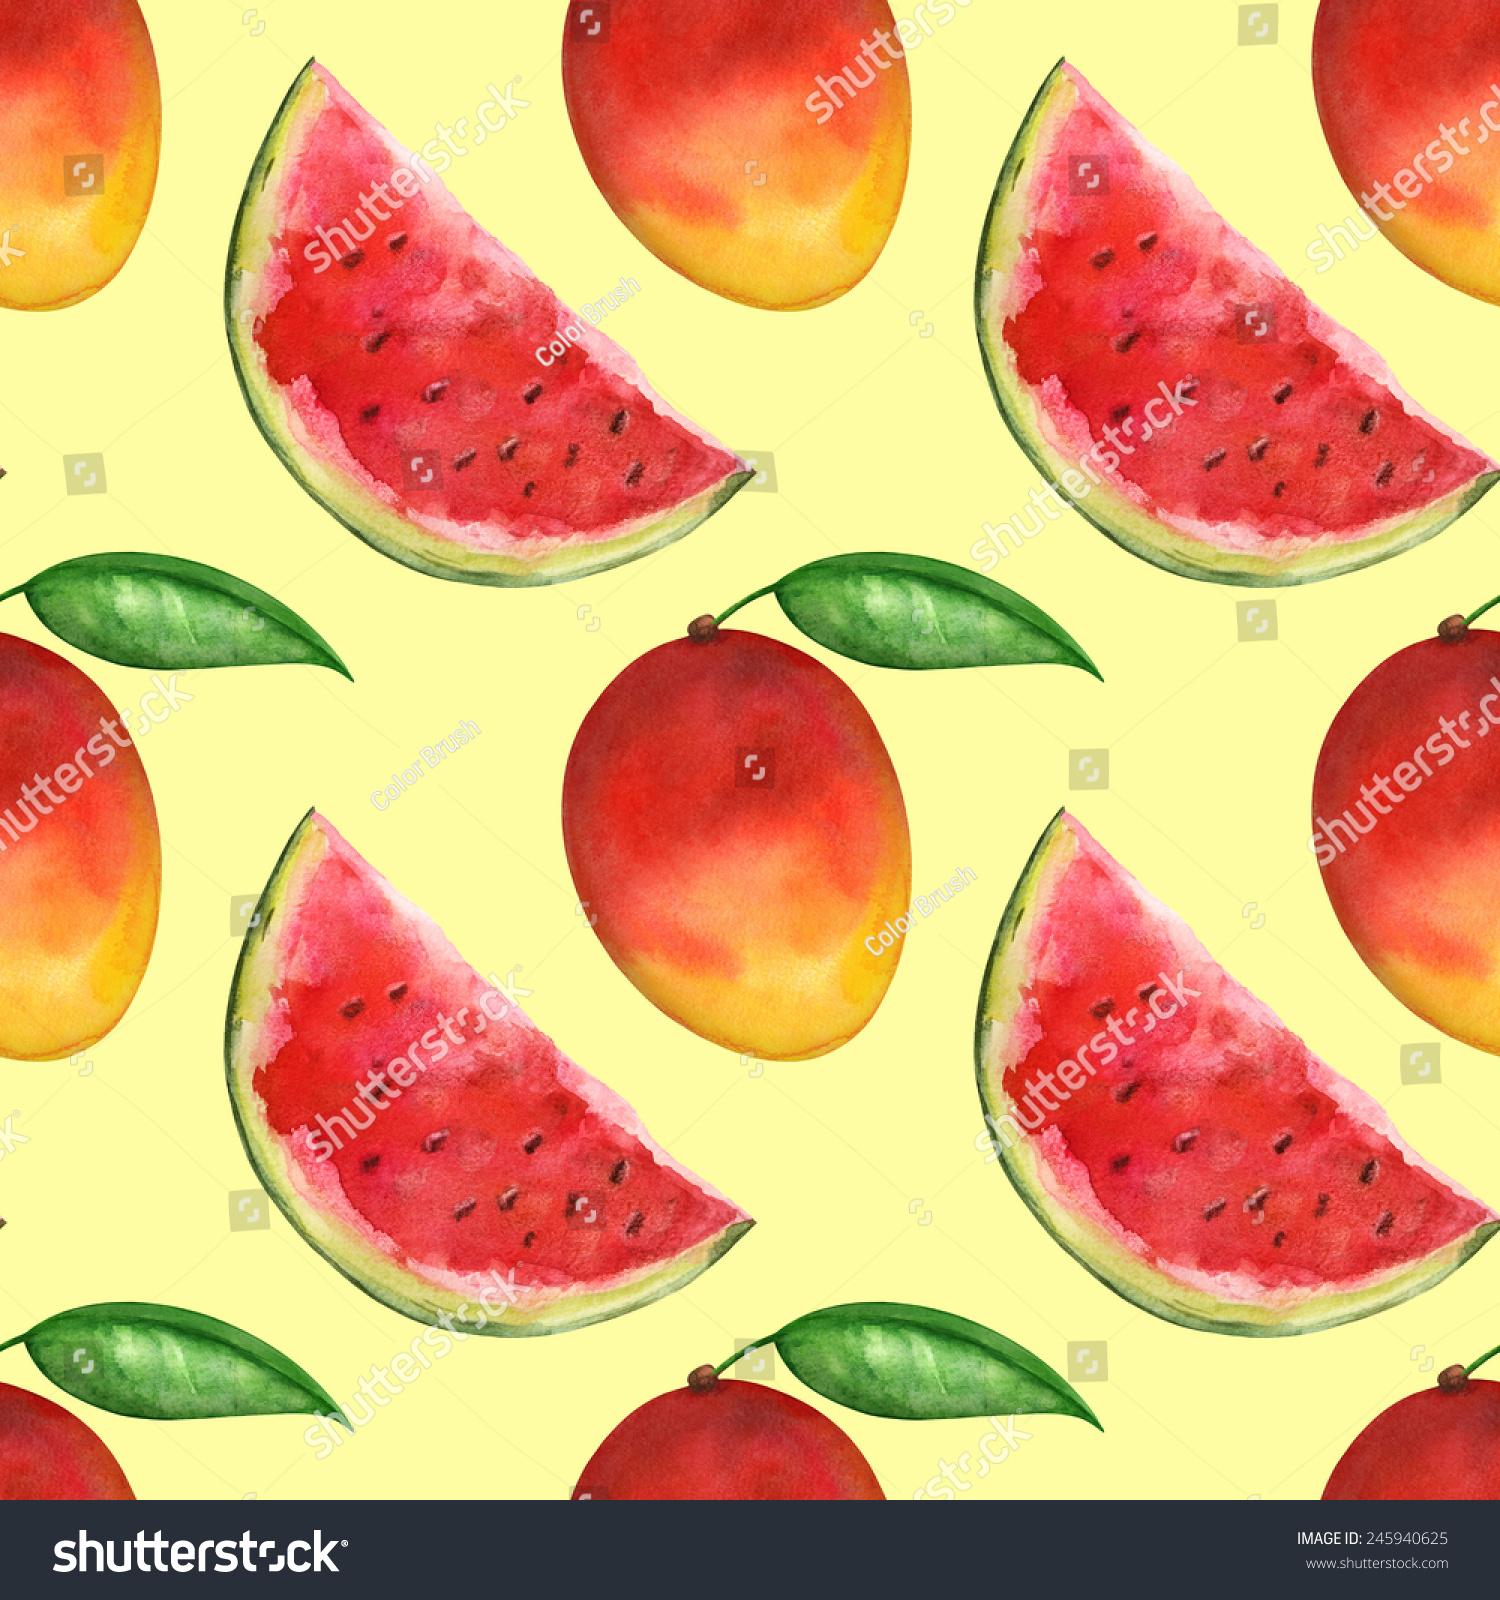 水彩画的无缝图案的西瓜,芒果,叶子上的黄色背景的.和